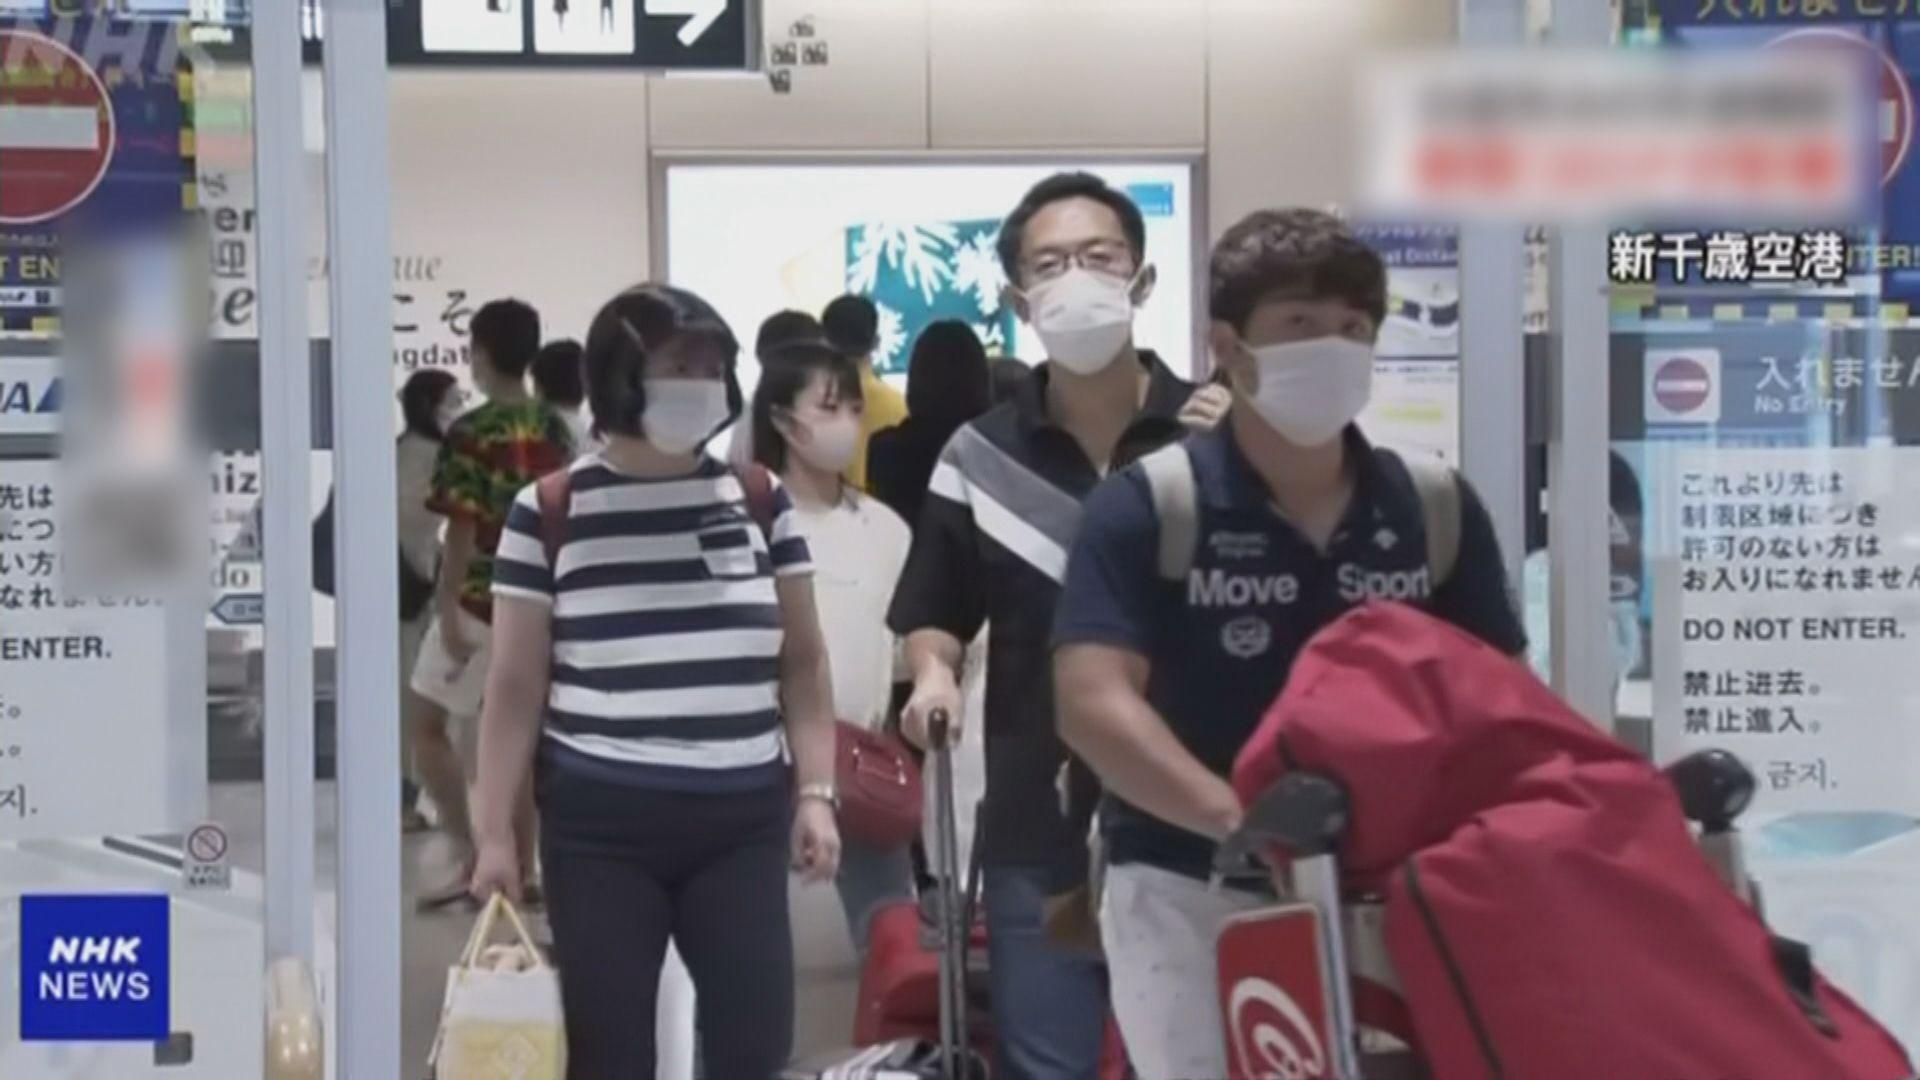 日本有條件免除居民出國後隔離14天